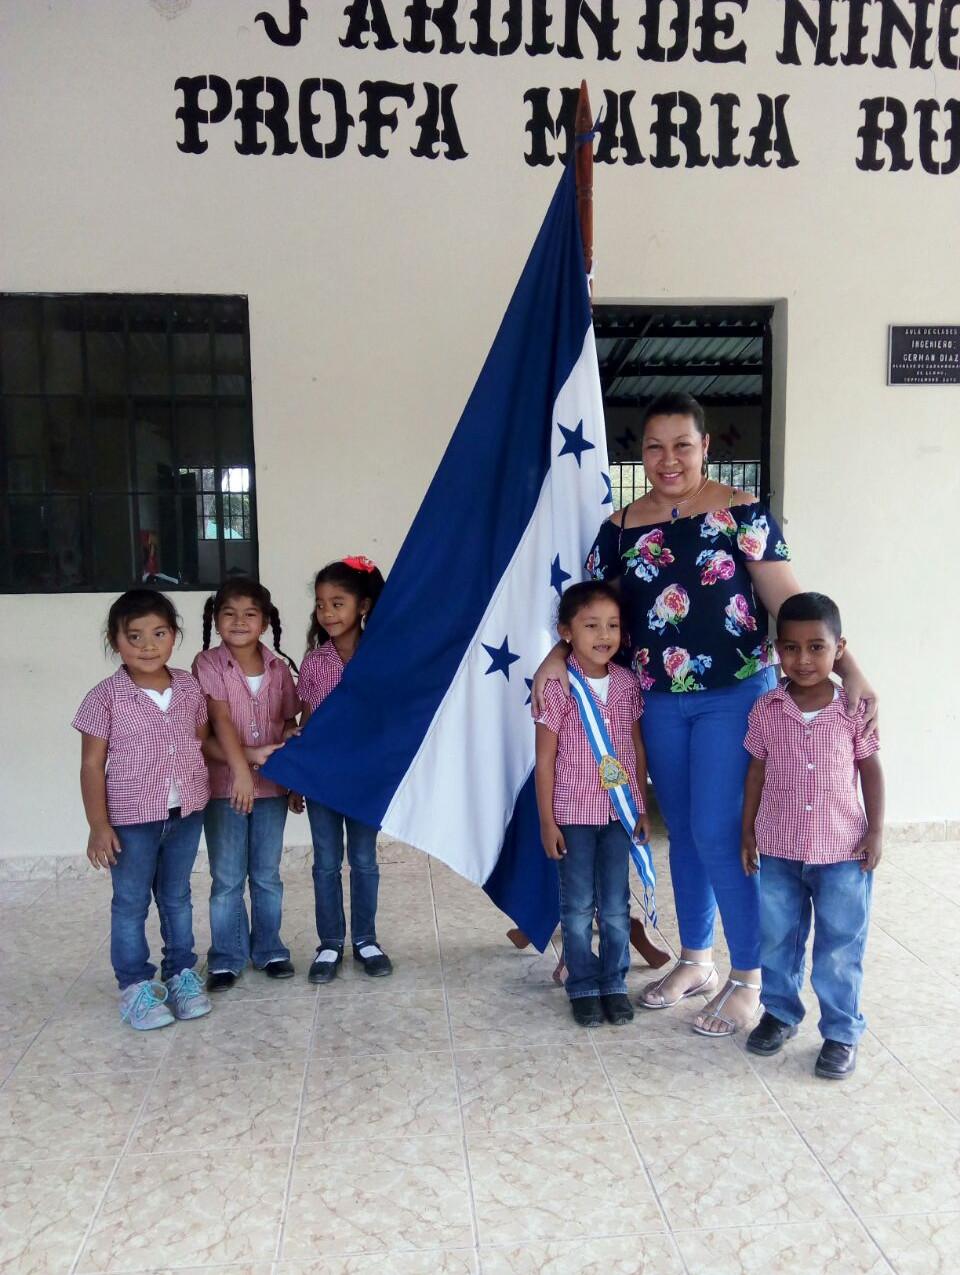 J/N Maria Rubio de Llano